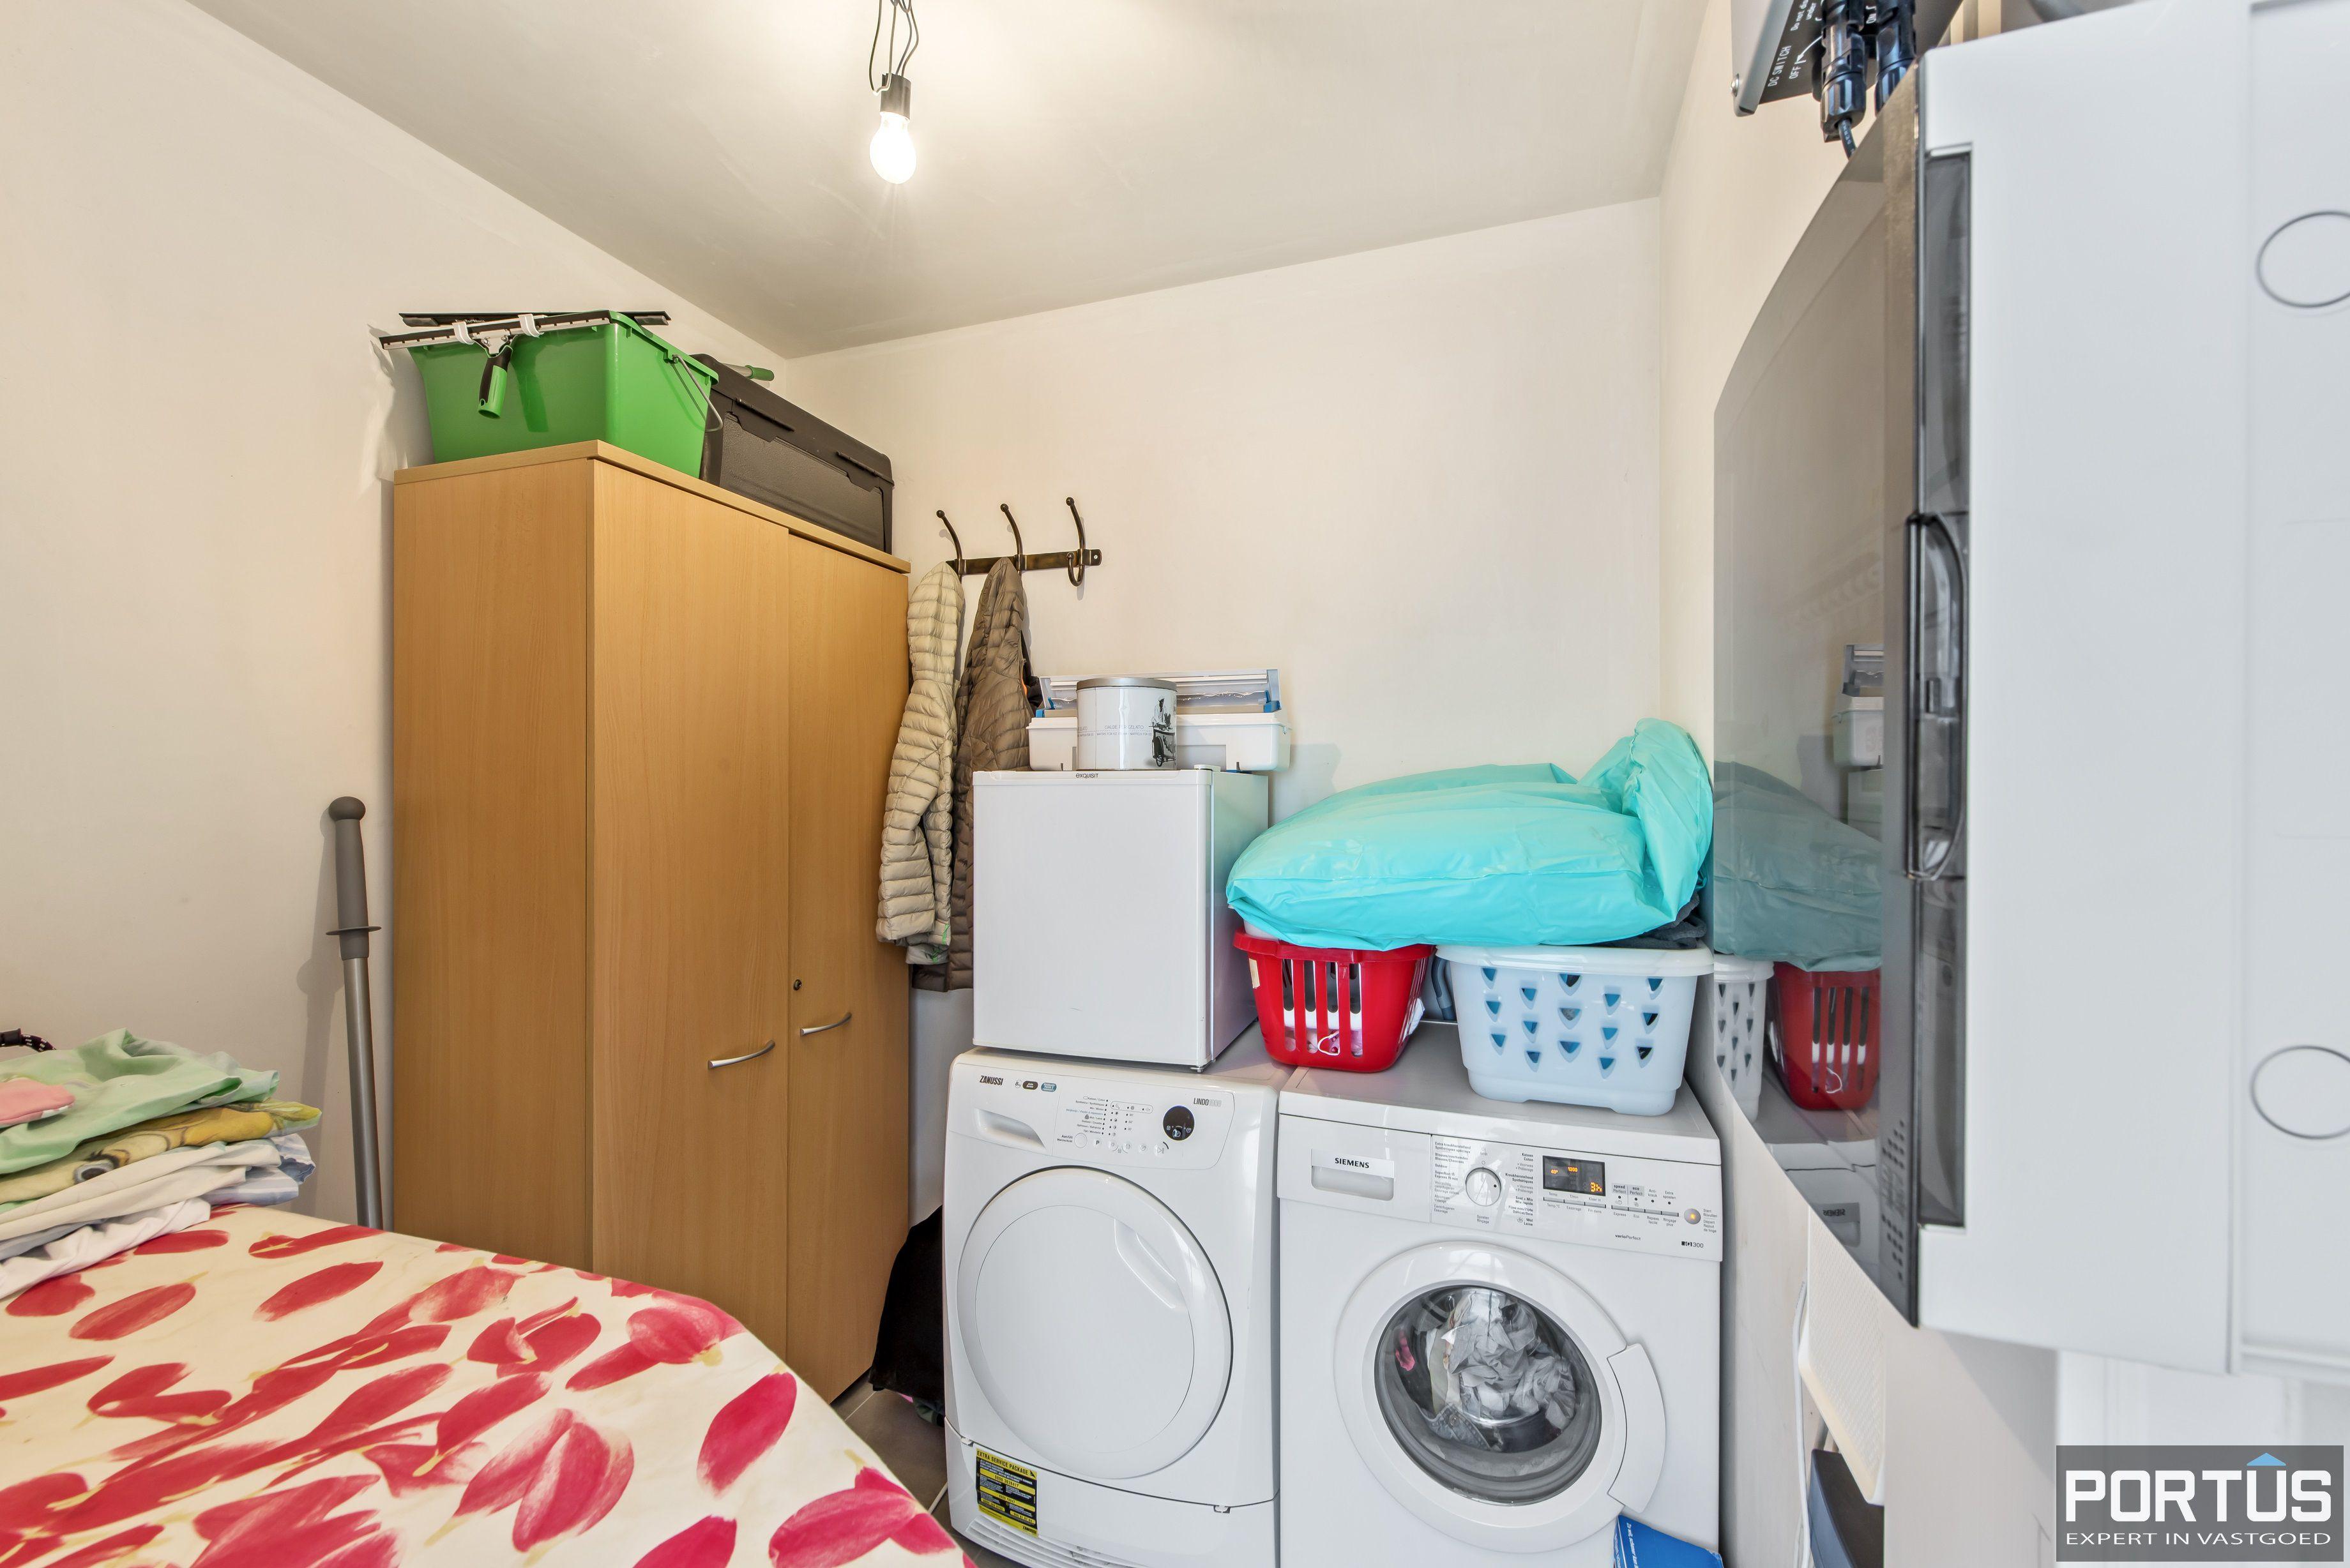 Instapklare duplex te koop te Lombardsijde met 2 slaapkamers - 11280